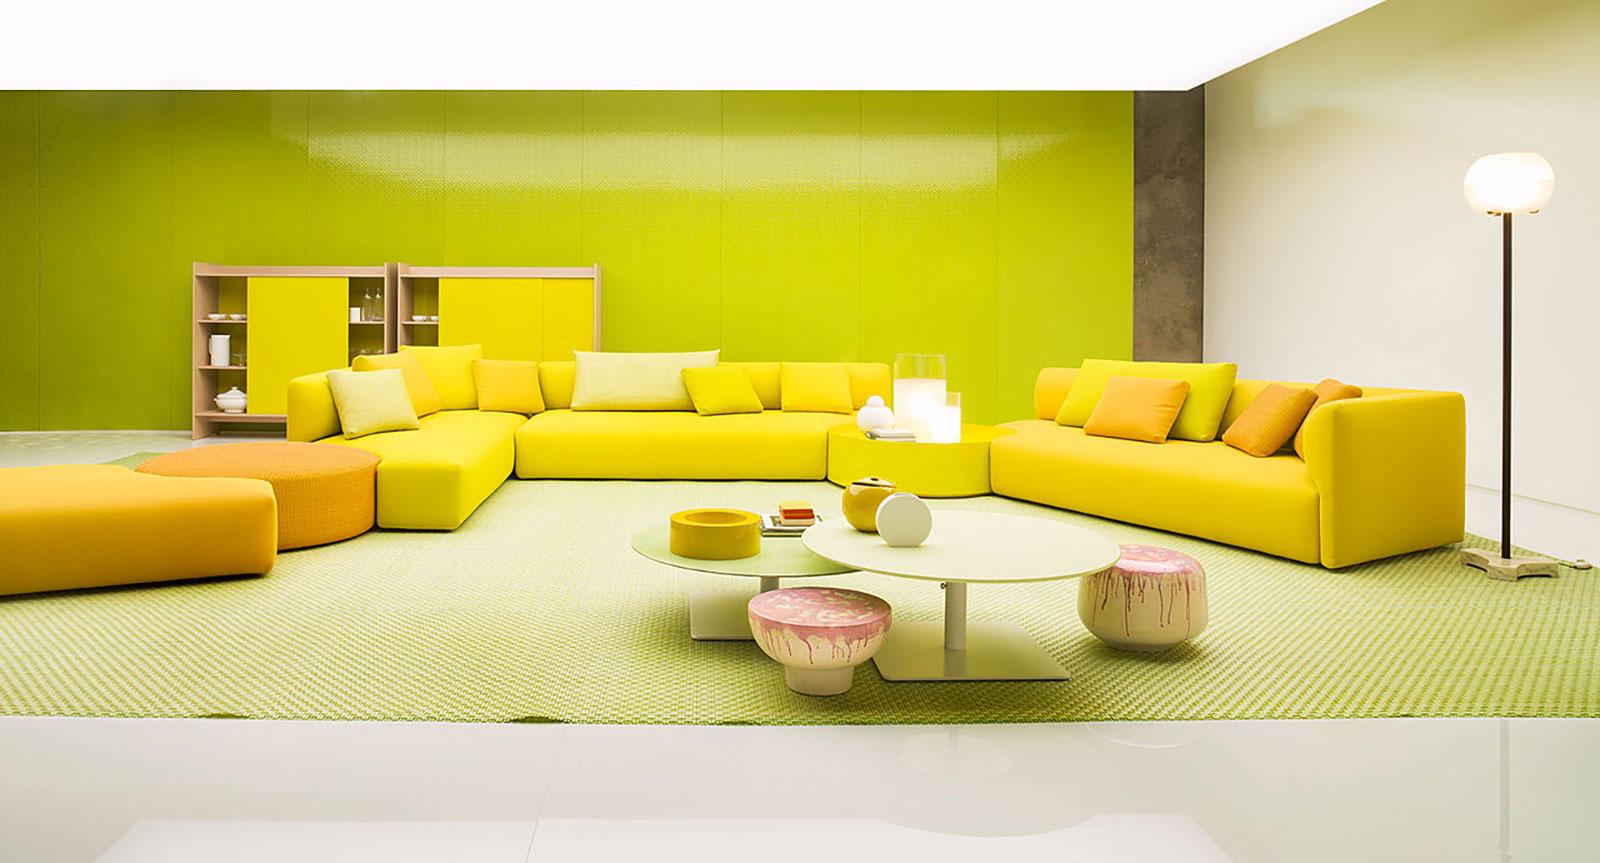 2019年国际新款 组合沙发 布艺皮质定制沙发paola lenti WALT Modular fabric sofa